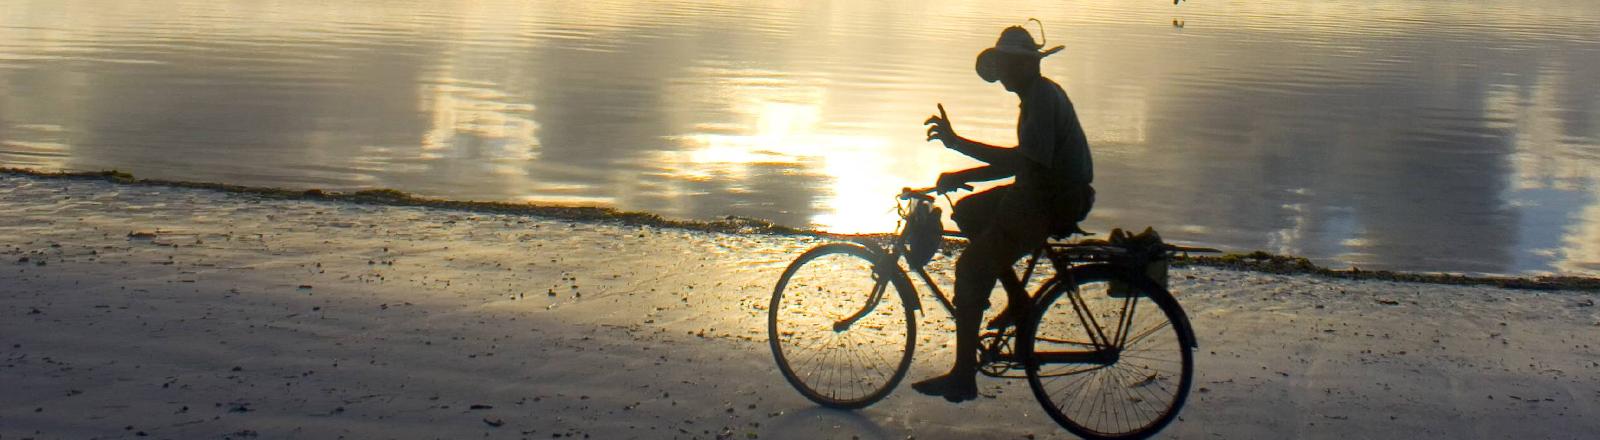 Ein Mann fährt vor dem Sonnenuntergang Fahrrad.